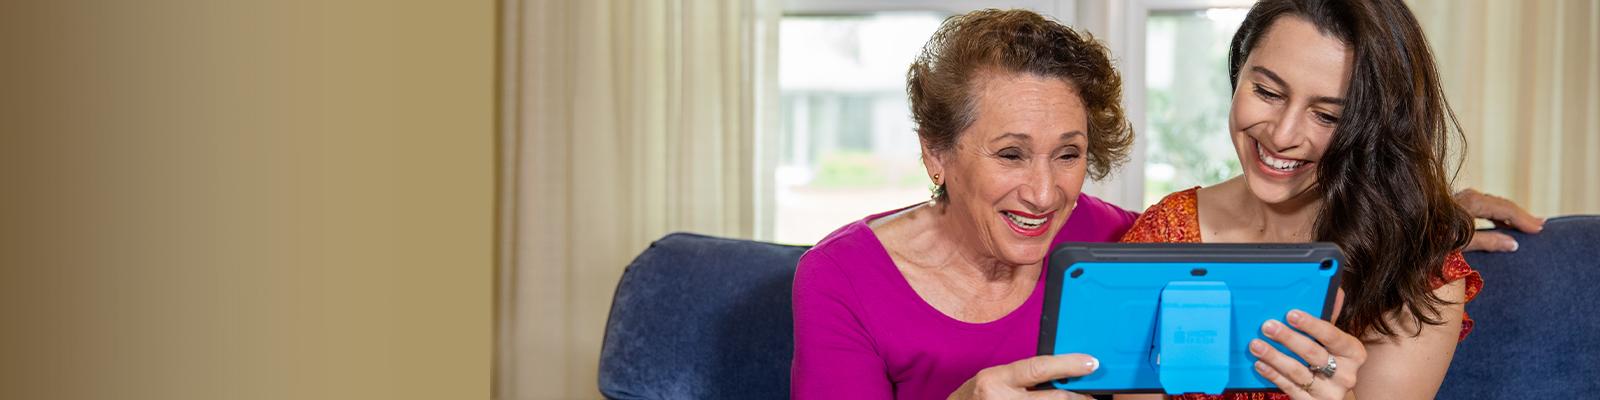 Senior living resident using the iN2L tablet